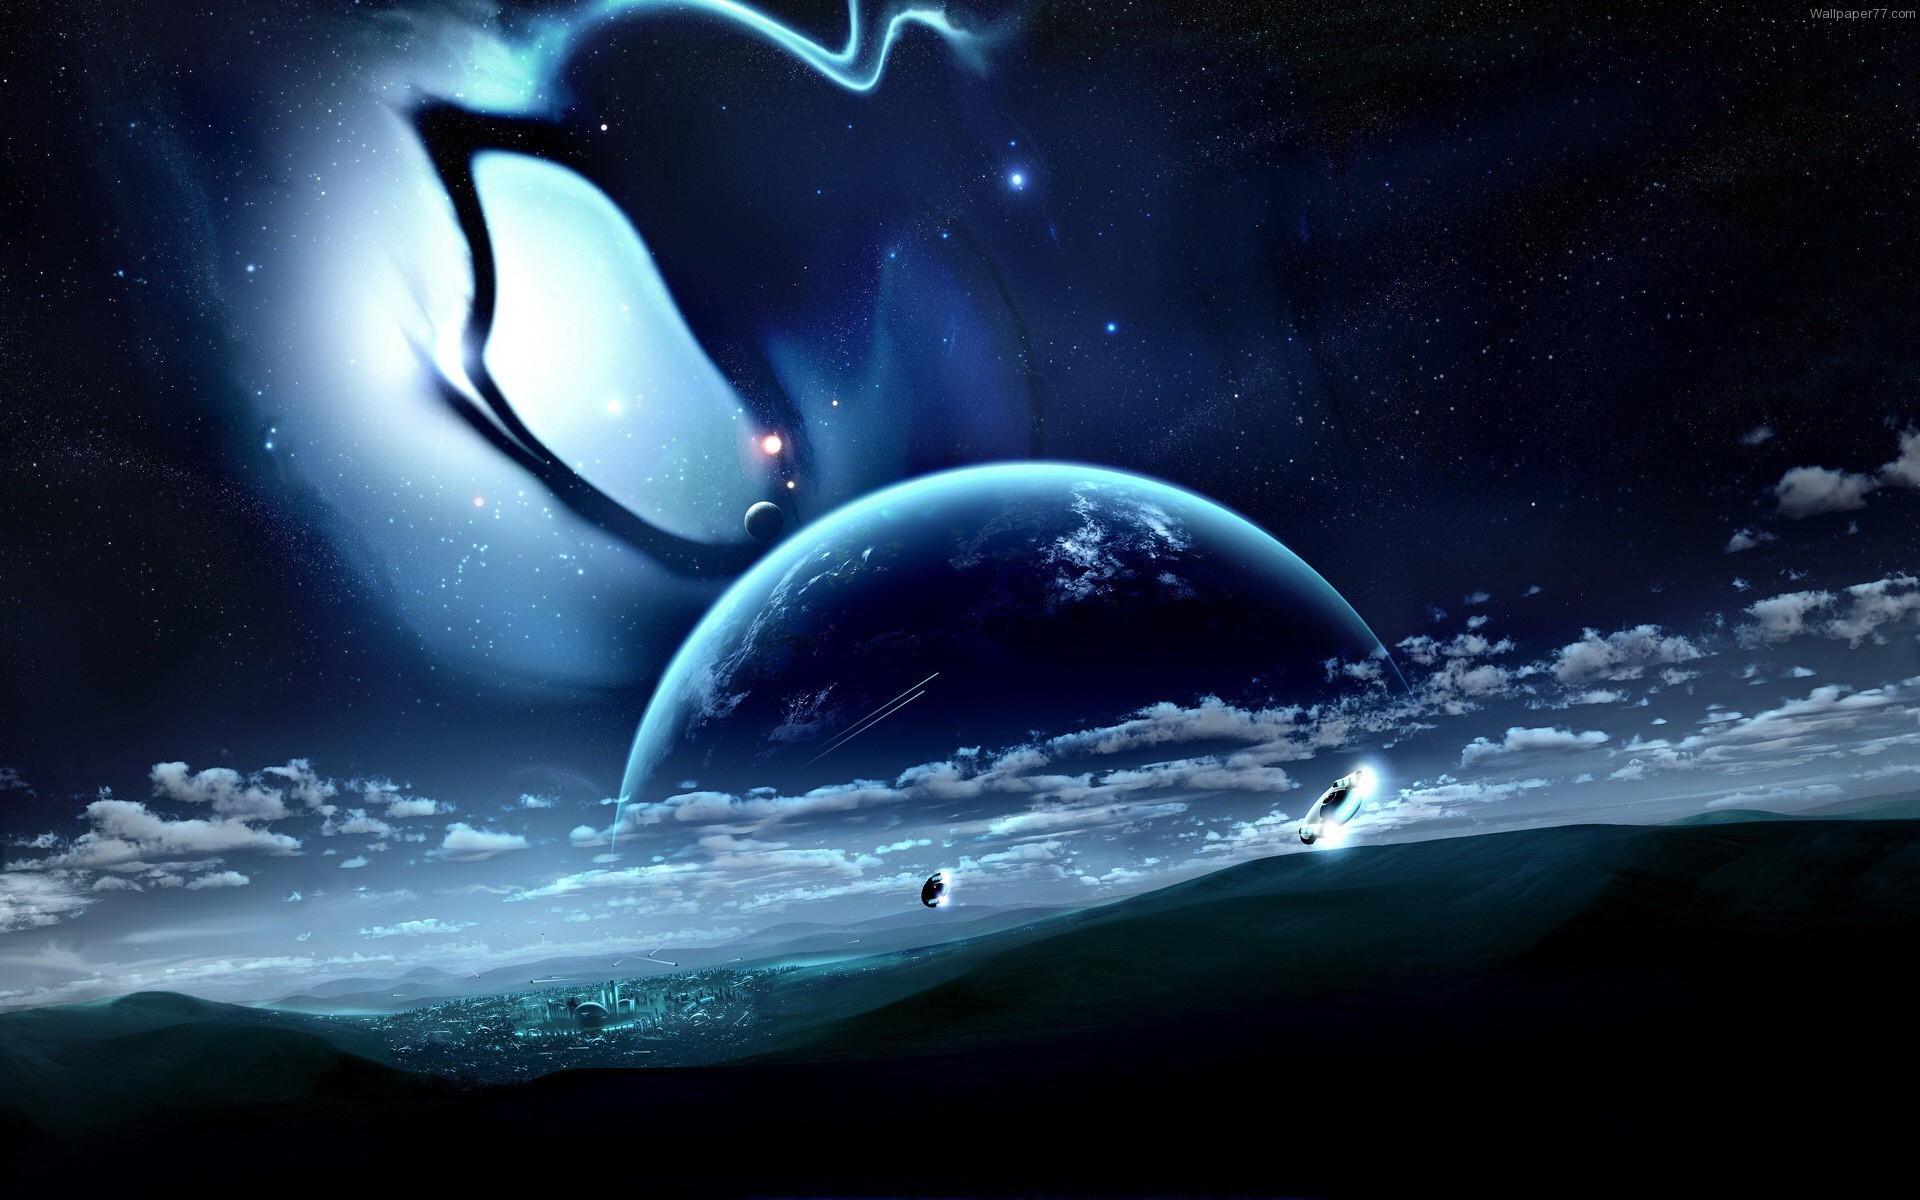 alien-city-black-earth-orbit-planet-planet-wallpapers-